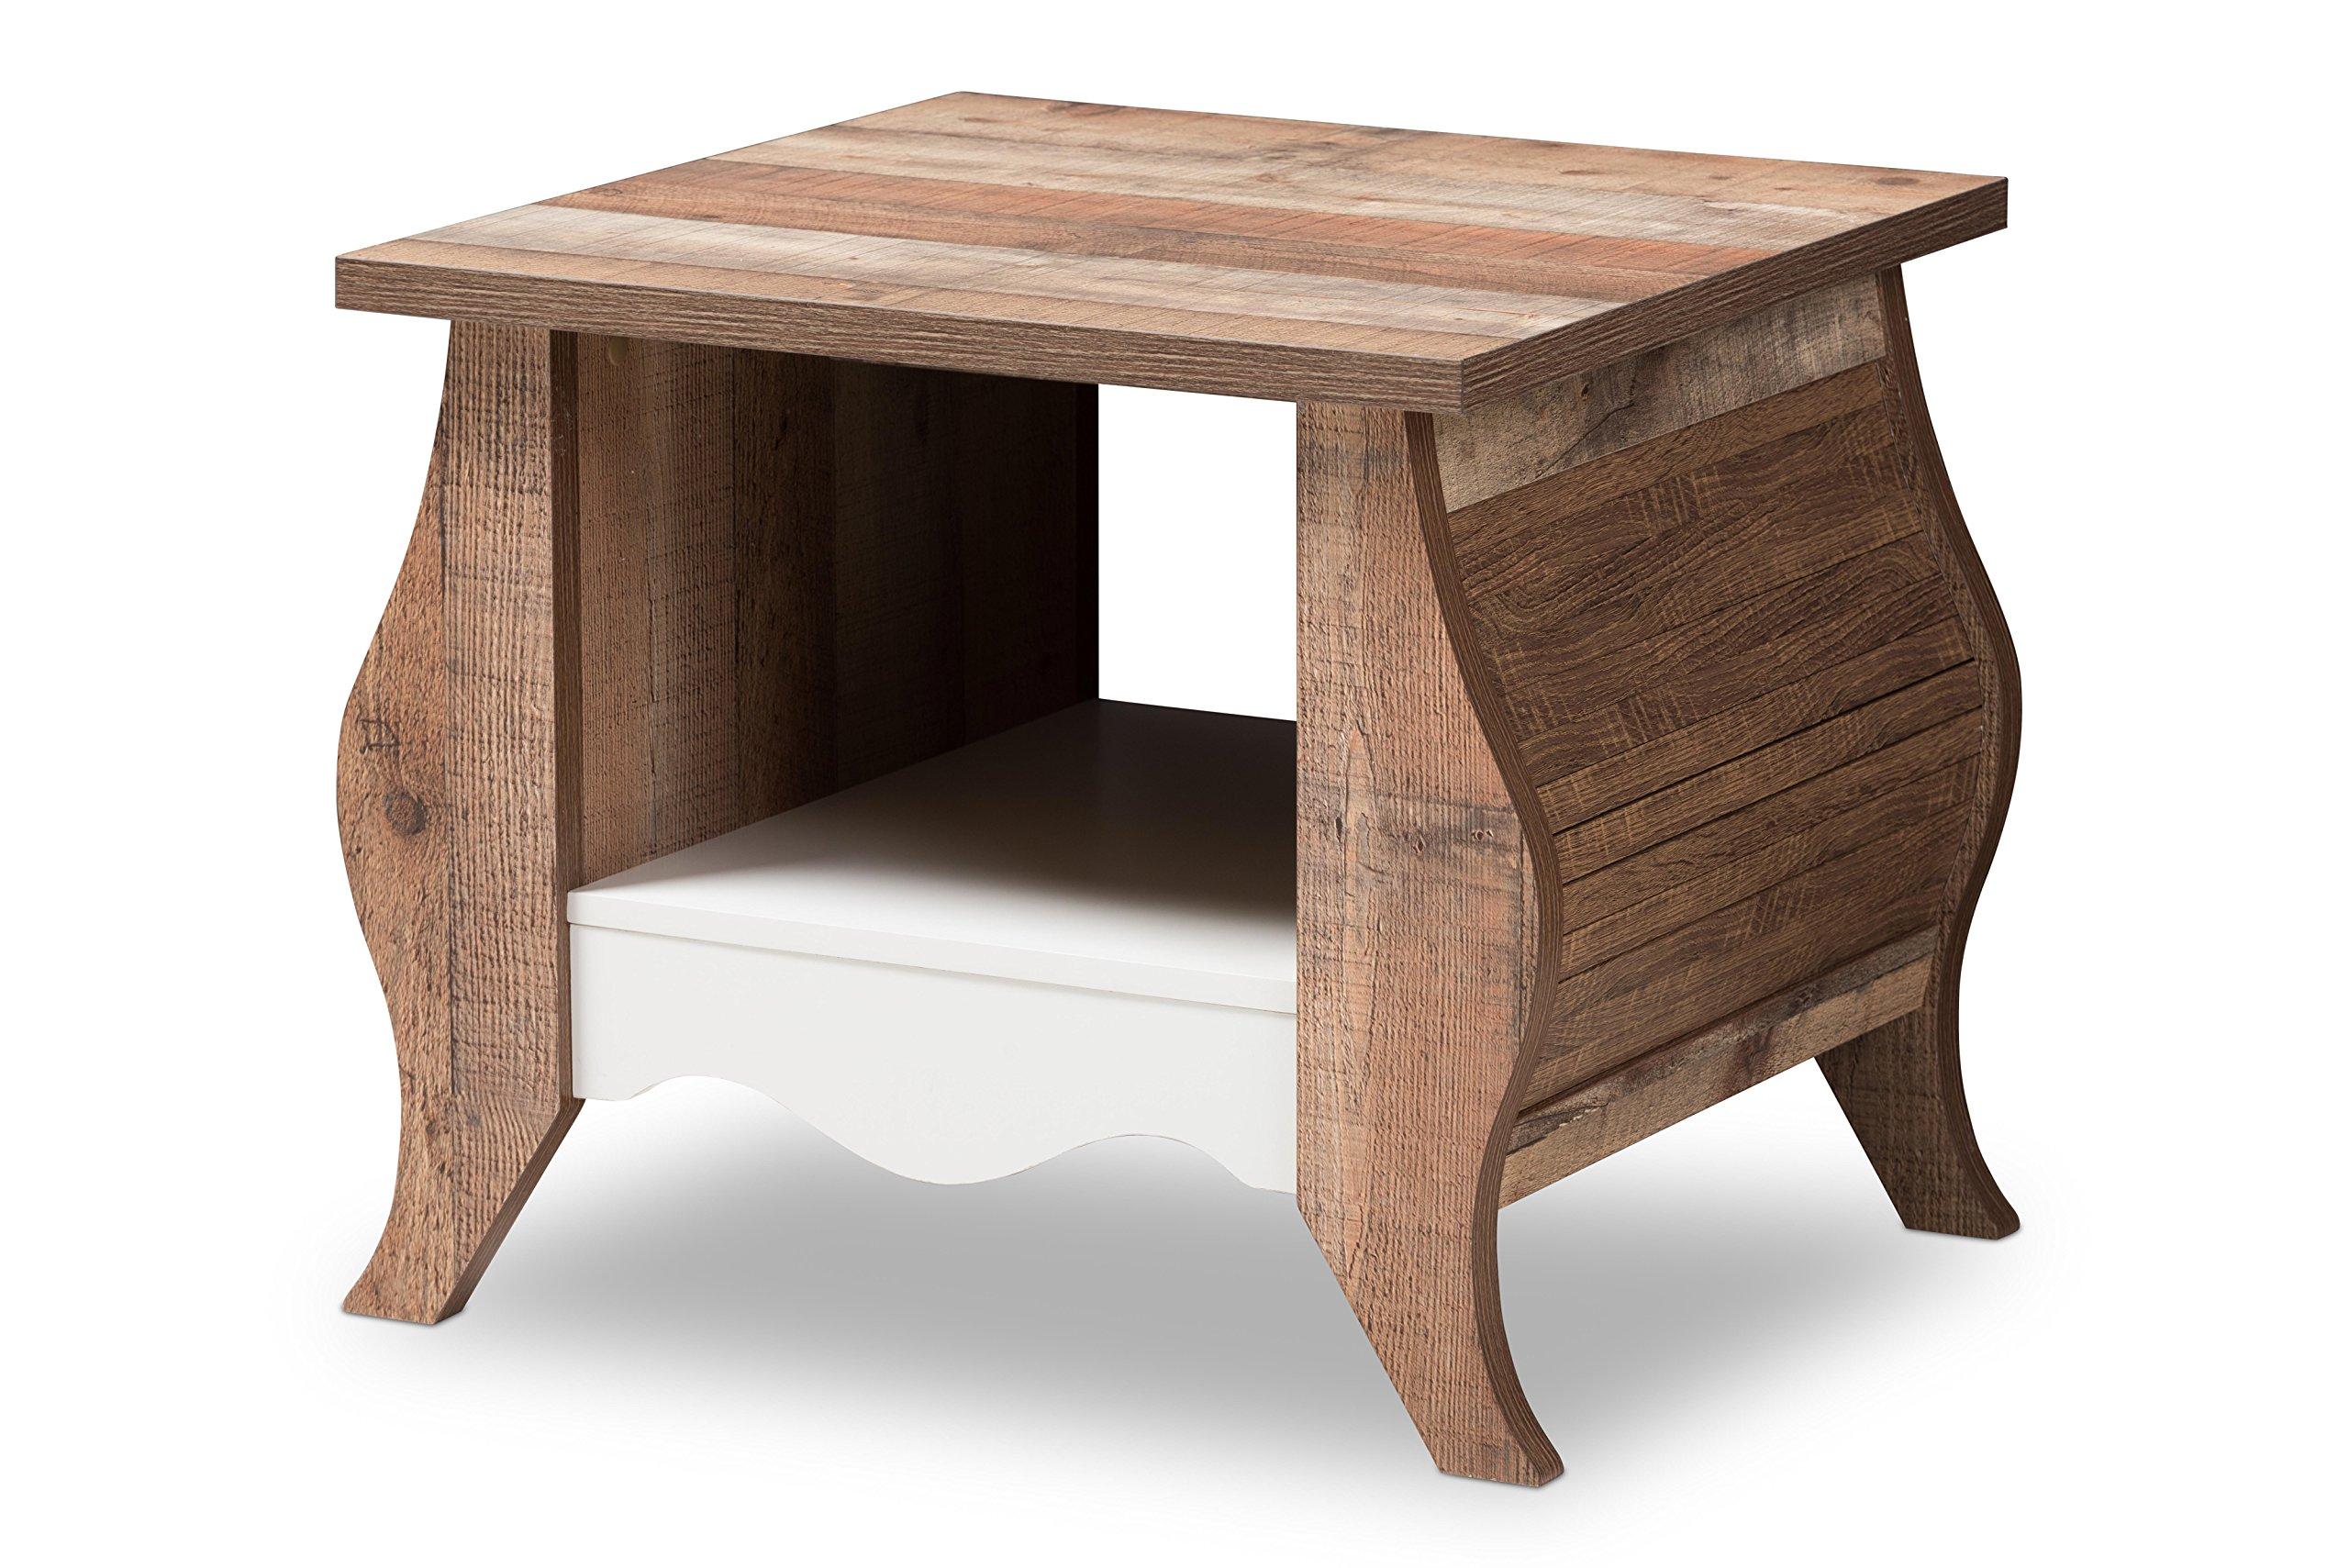 Baxton Studio 146-424-8177-AMZ Altena Country Cottage Farmhouse White and End Table, Oak Brown